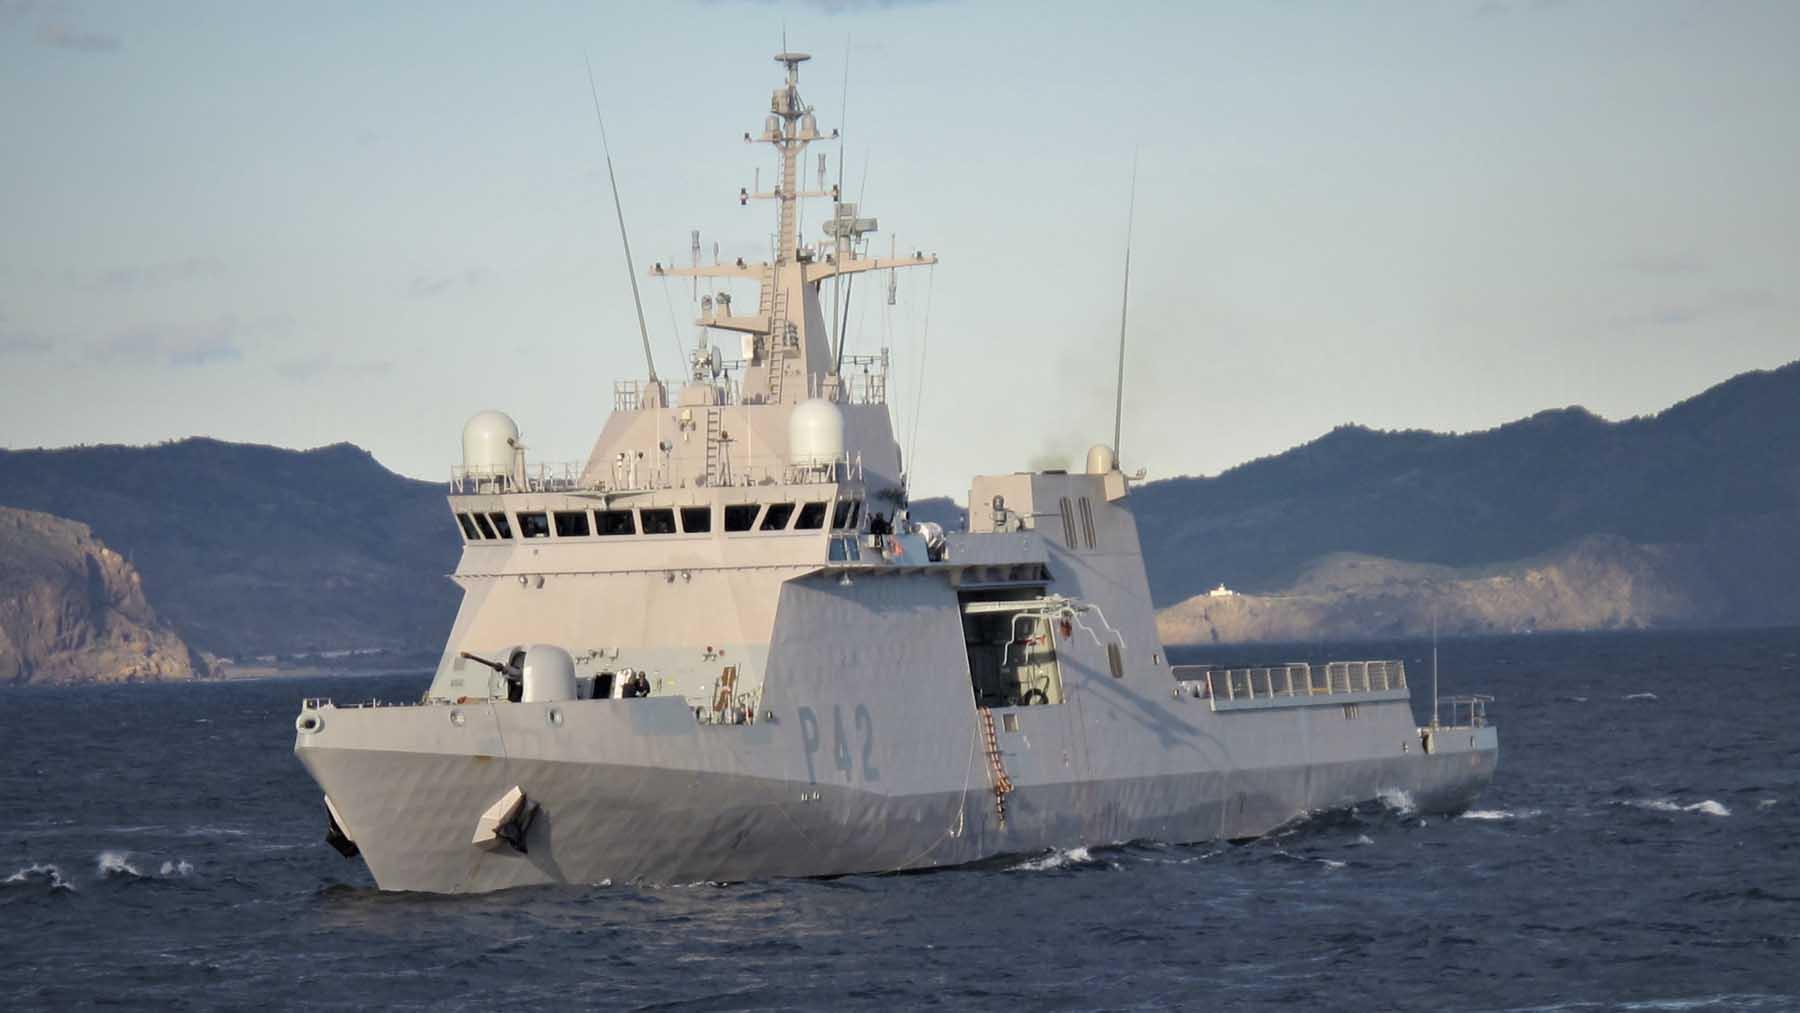 El buque de acción marítima 'Rayo'. Foto: Europa Press